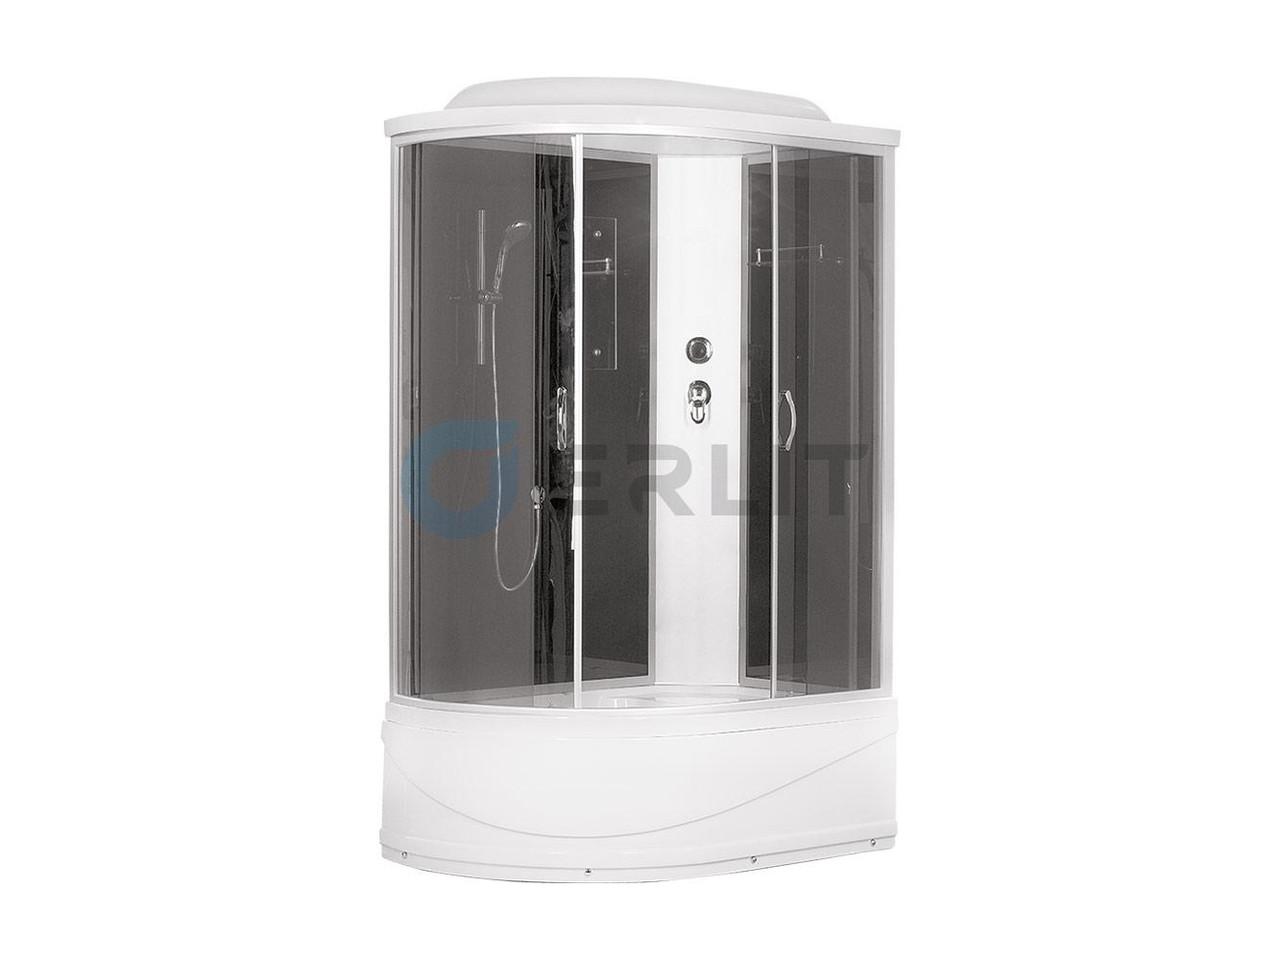 Душевая кабина Erlit ER3512TPR-C4 1200*800*2150 высокий (СЕРЫЙ) поддон, тонированое стекло